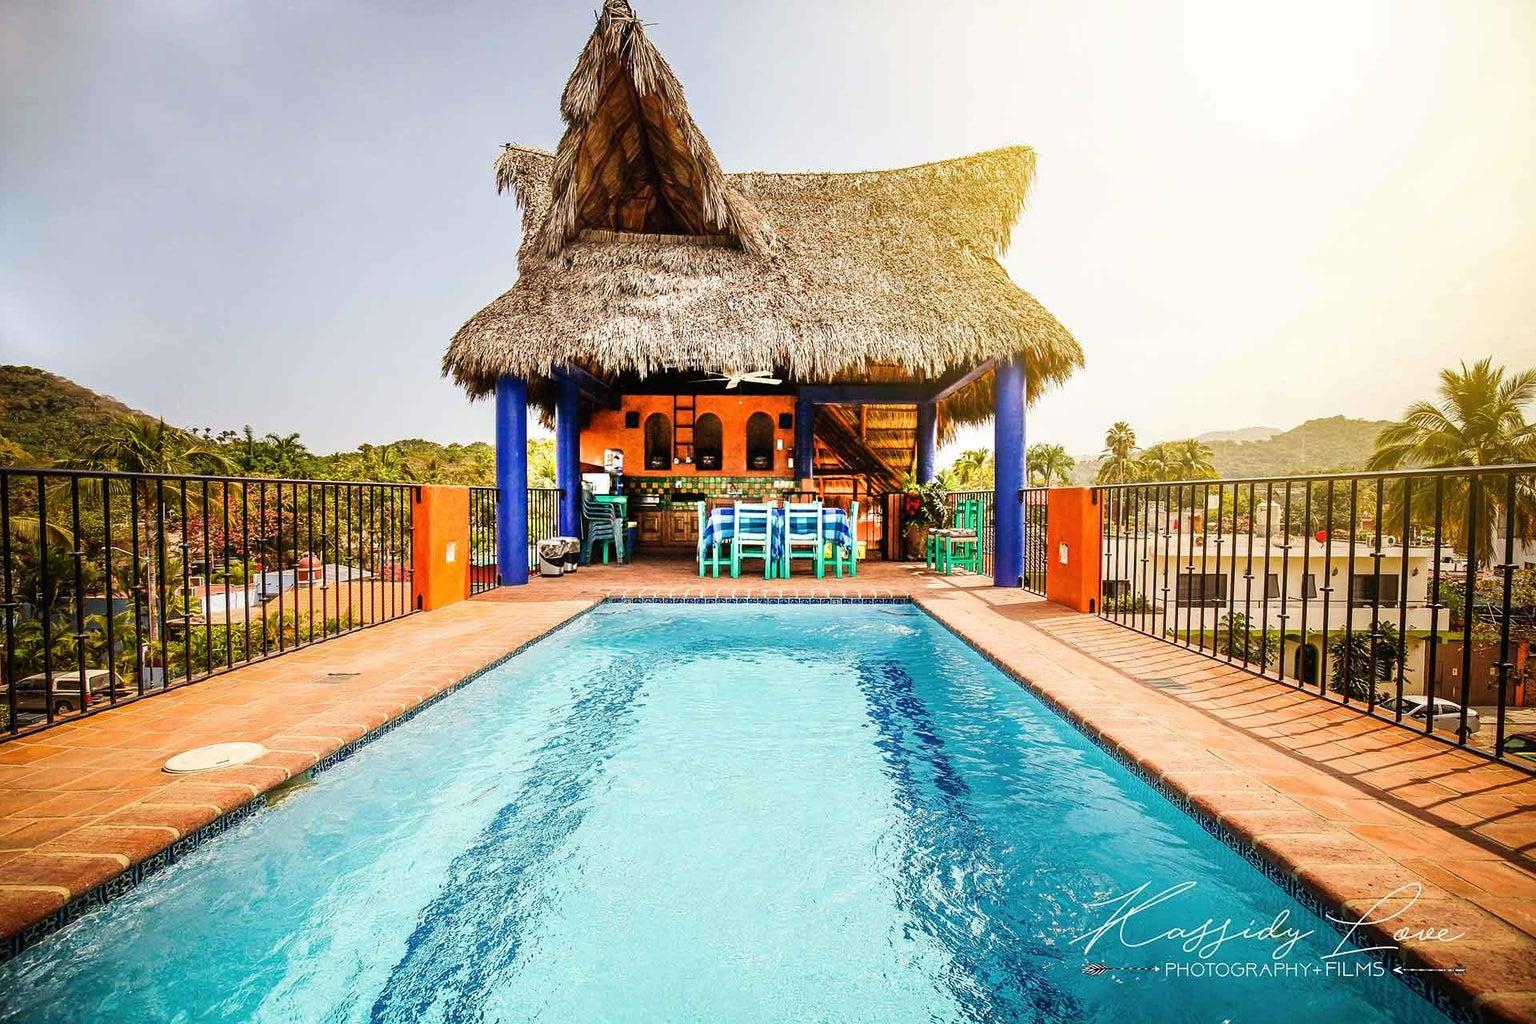 4bedroom-sanpancho-mexico-palmera-0020